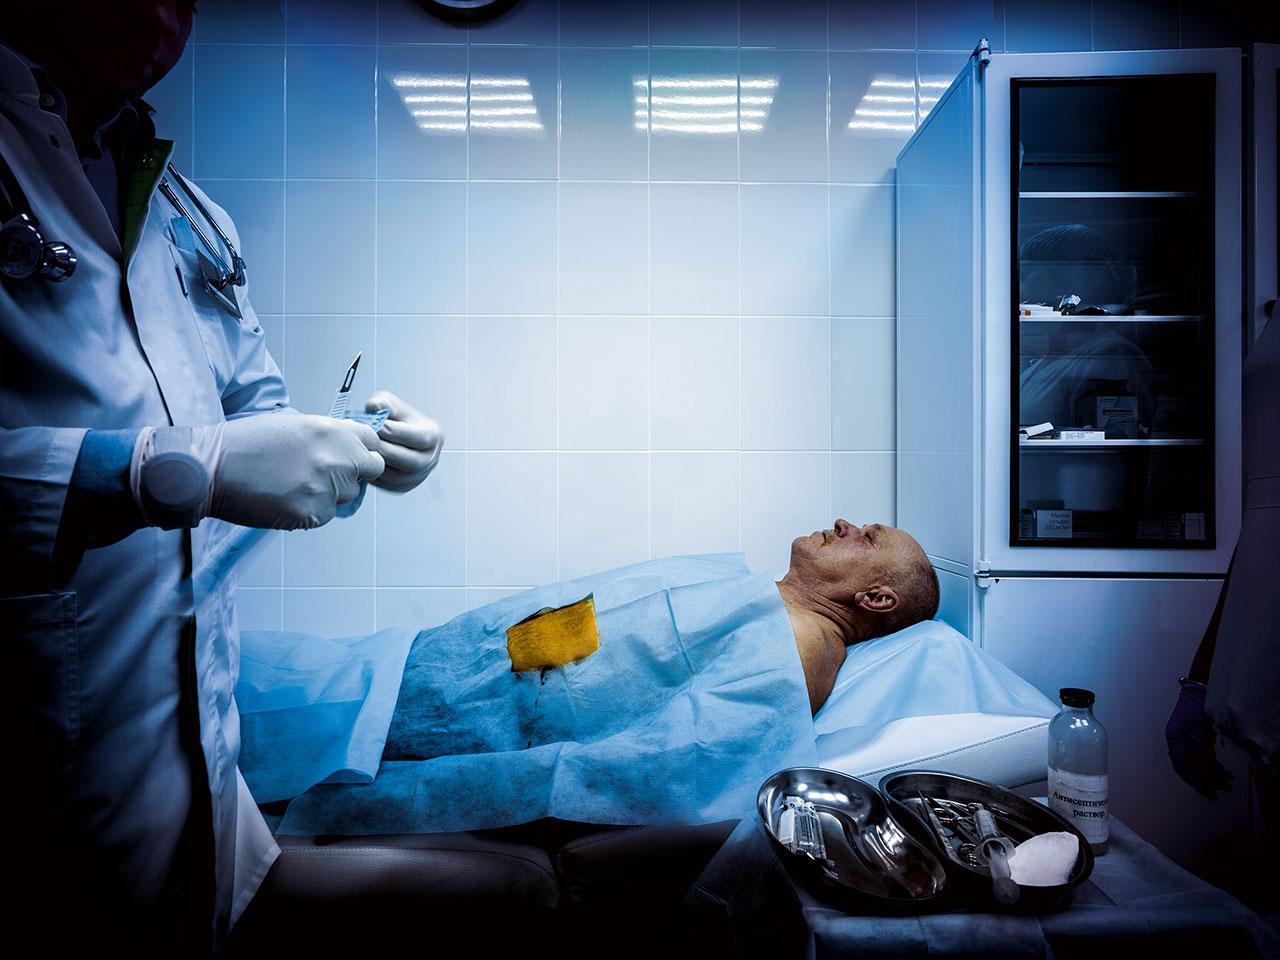 ที่คลินิกมาร์ชัค ศูนย์บำบัดการติดยาใกล้กรุงมอสโก ยาแอนทาบิวส์ที่ออกฤทธิ์นานหกเดือนถูกฝังไว้ใต้ผิวหนังของผู้ติดสุรา ที่มีอาการดีขึ้นและจะออกจากที่นี่หลังจากอยู่มานาน 30 วัน ยานี้จะทำให้เขาอาเจียนหากดื่มสุรา ซึ่งเป็นรูปแบบหนึ่งของการบำบัดด้วยกลวิธียับยั้ง